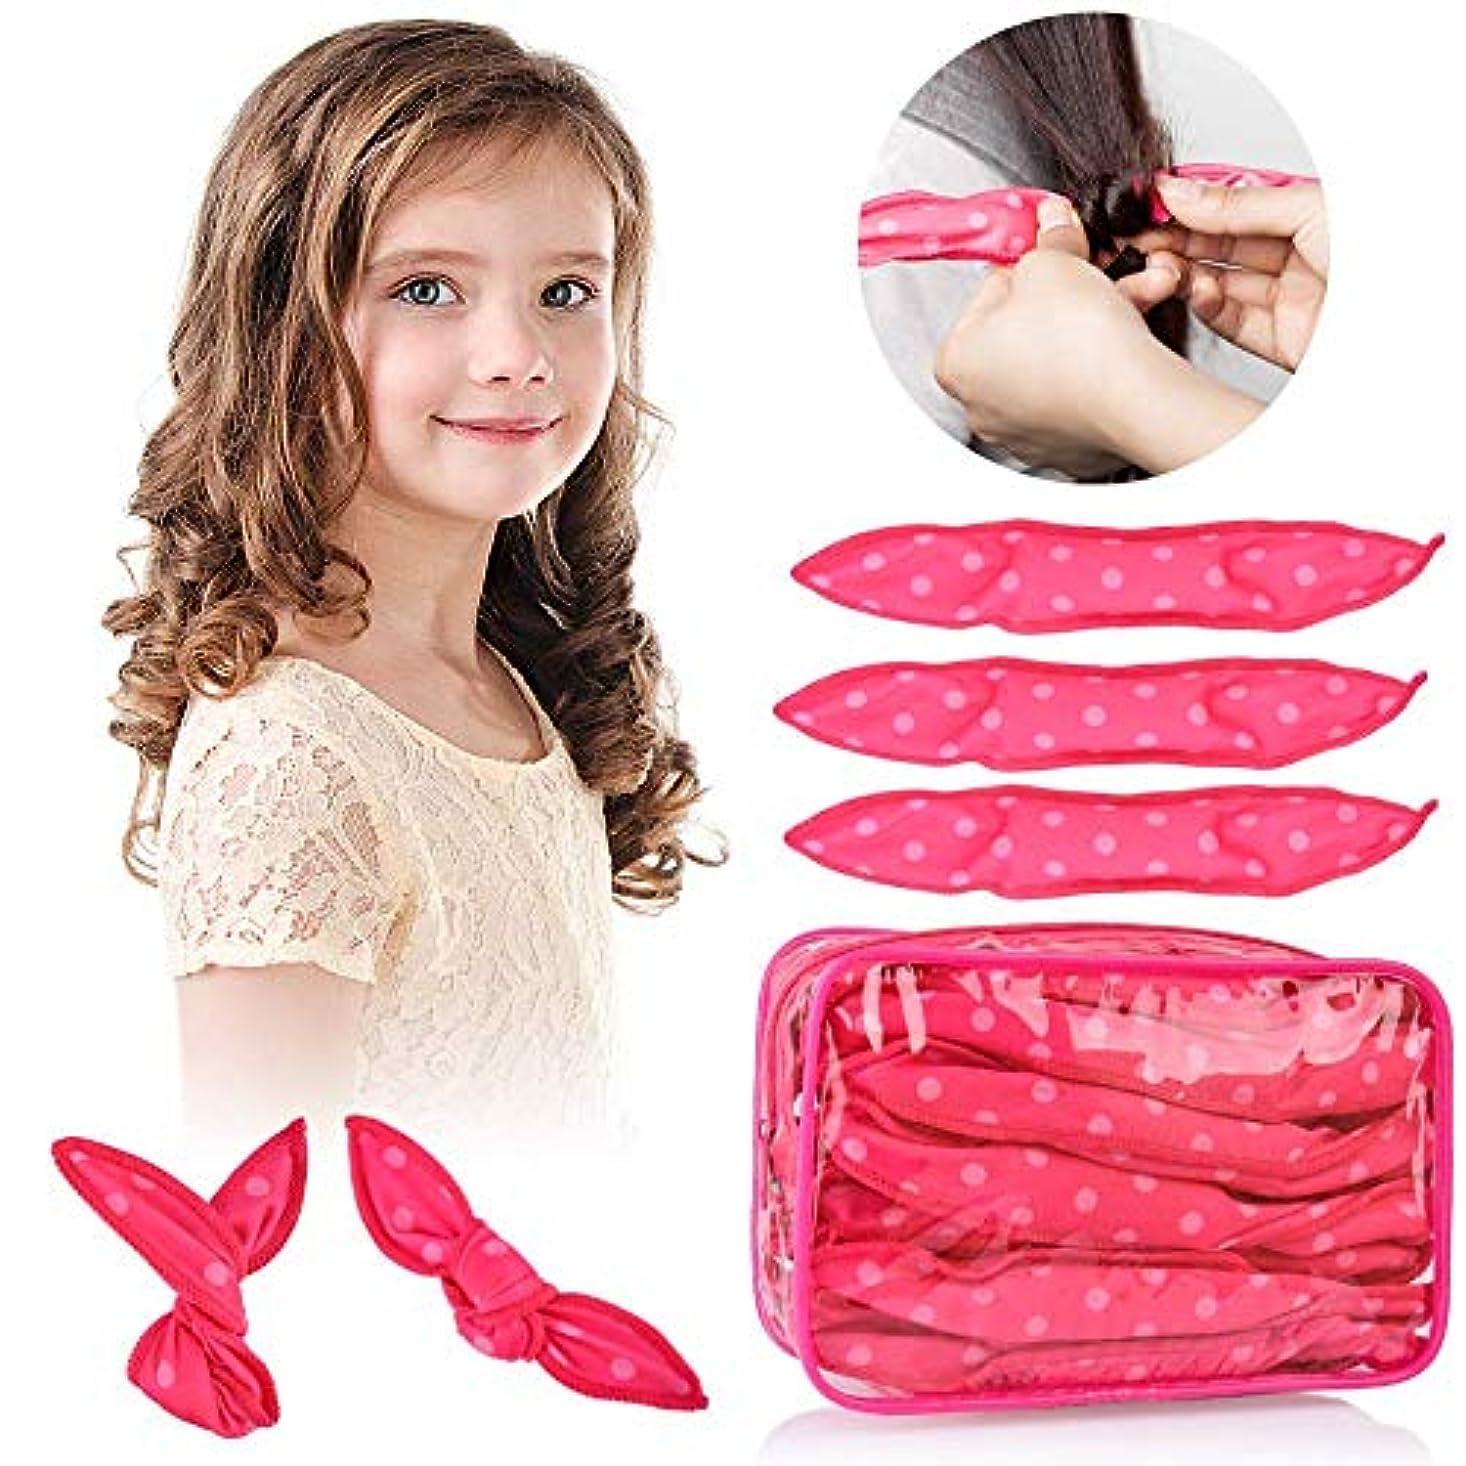 解明マークダウン方向HailiCare ヘアカーラー スポンジ ヘアカーラーマジック 手巻きカーラー 30枚 ヘアケアスタイリング 巻き髪 前髪 寝ながら ヘアスタイル 可愛い 髪に無害 ピンク (ピンク)